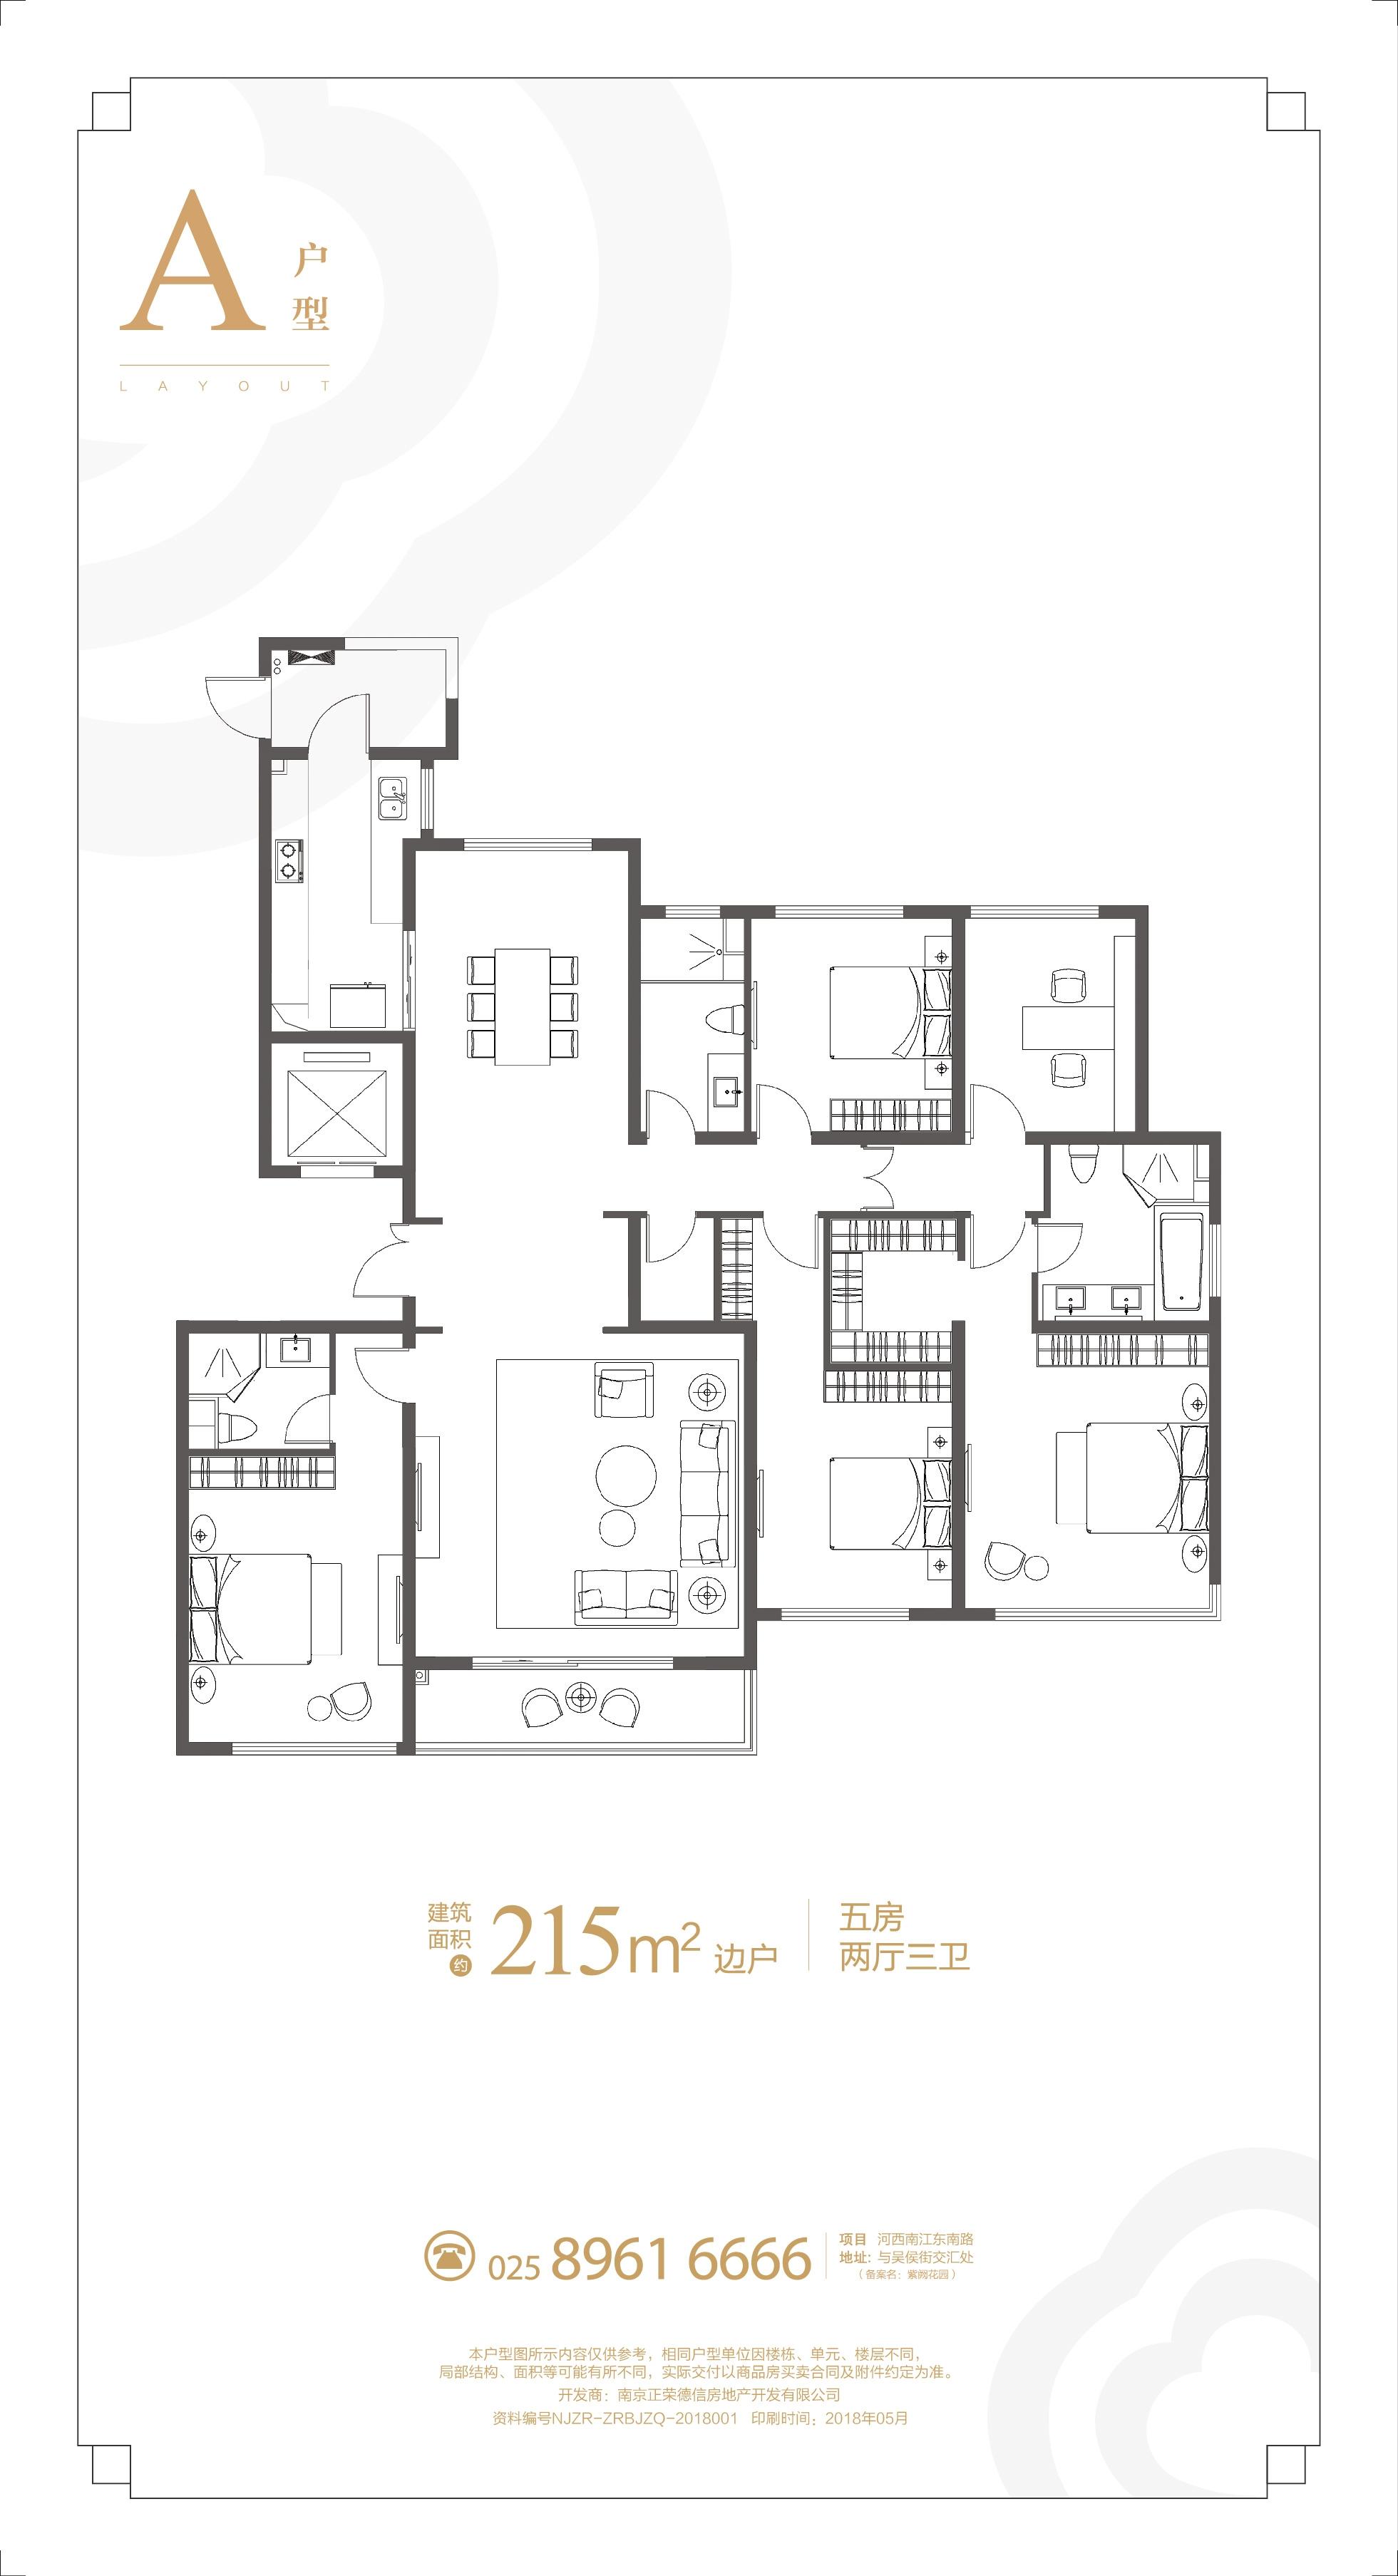 正荣滨江紫阙215㎡五室两厅三卫A户型